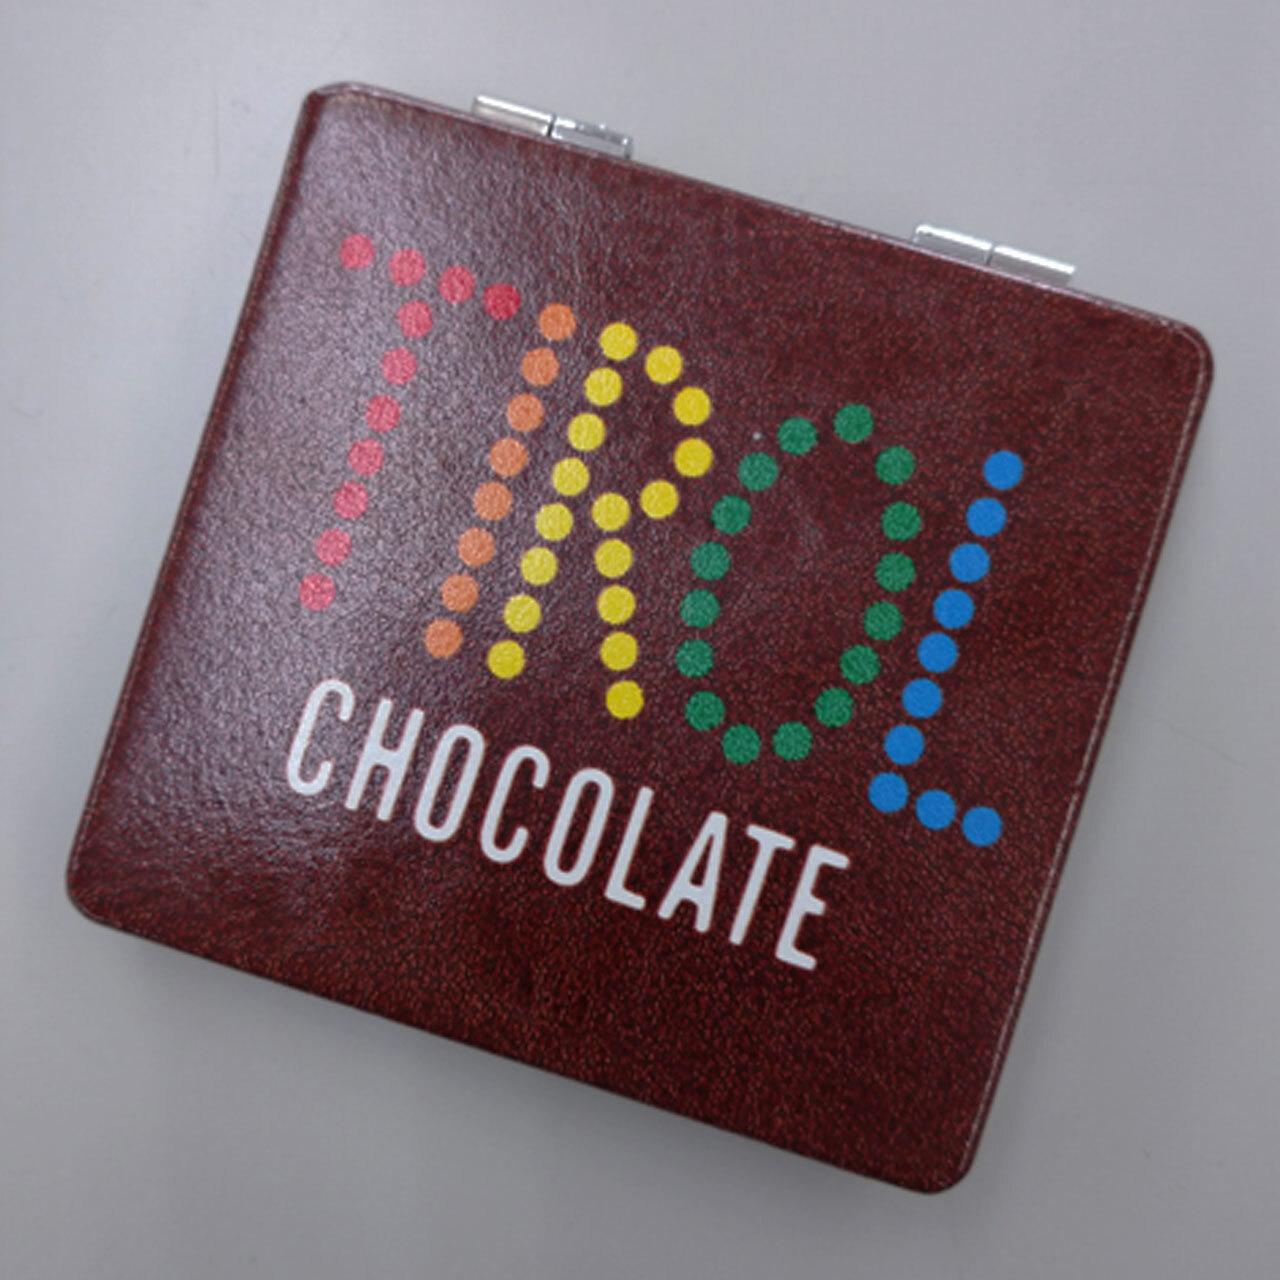 【4589839350556予】チロルチョコ  コーヒーヌガーコンパクトミラー